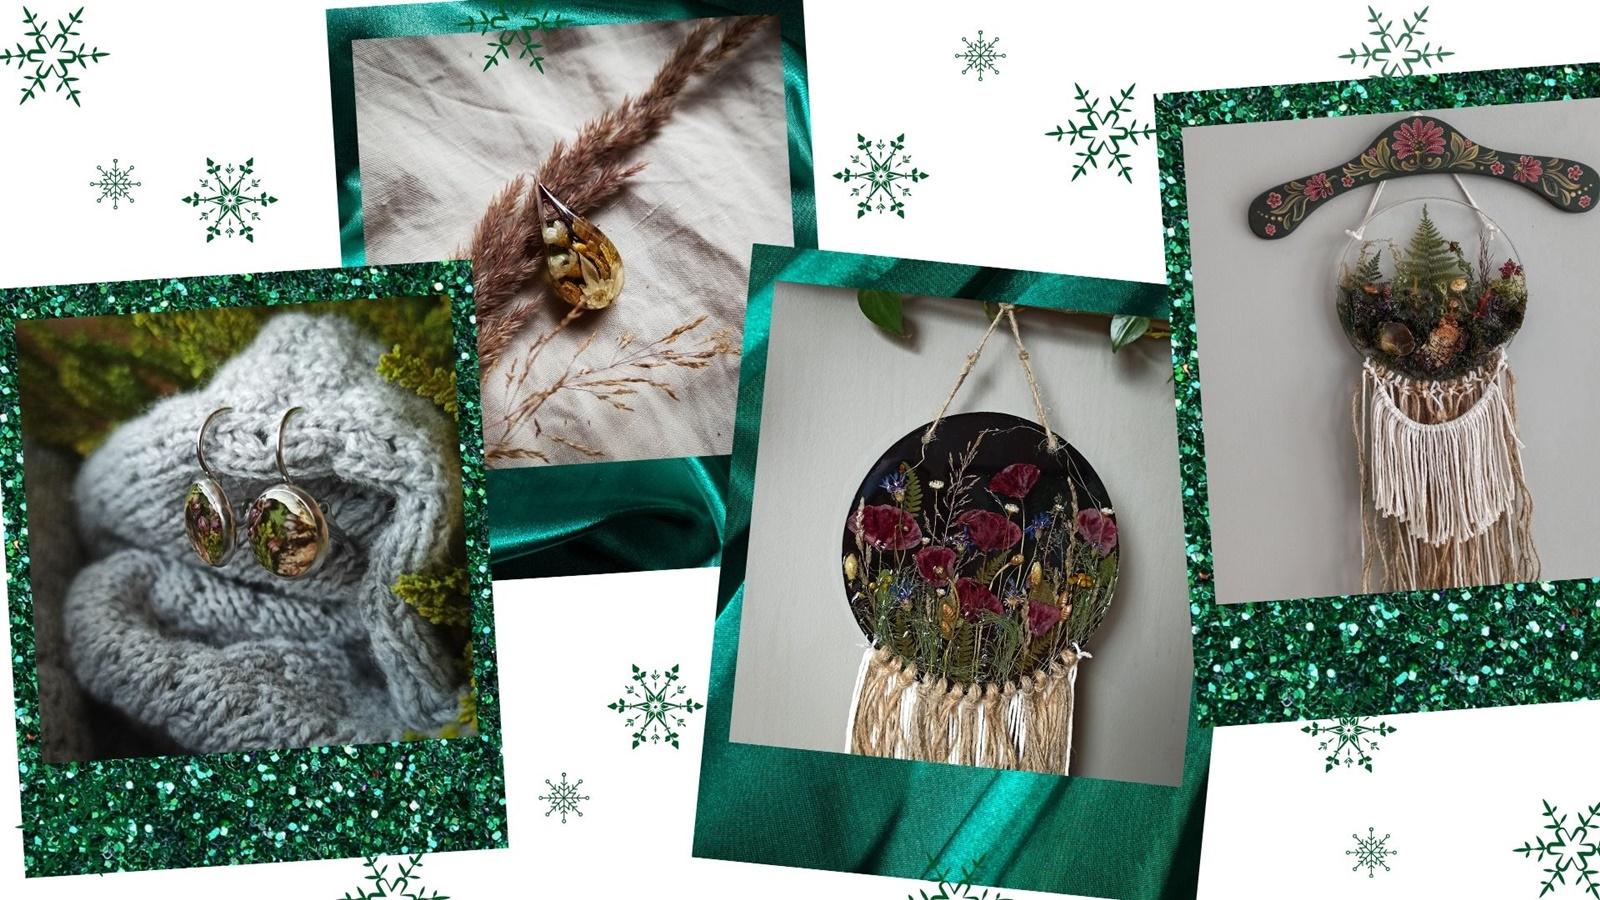 dekoracje boho handmade z  żywicy roślin drewna do domu pomysł na prezent świąteczny prezentownik